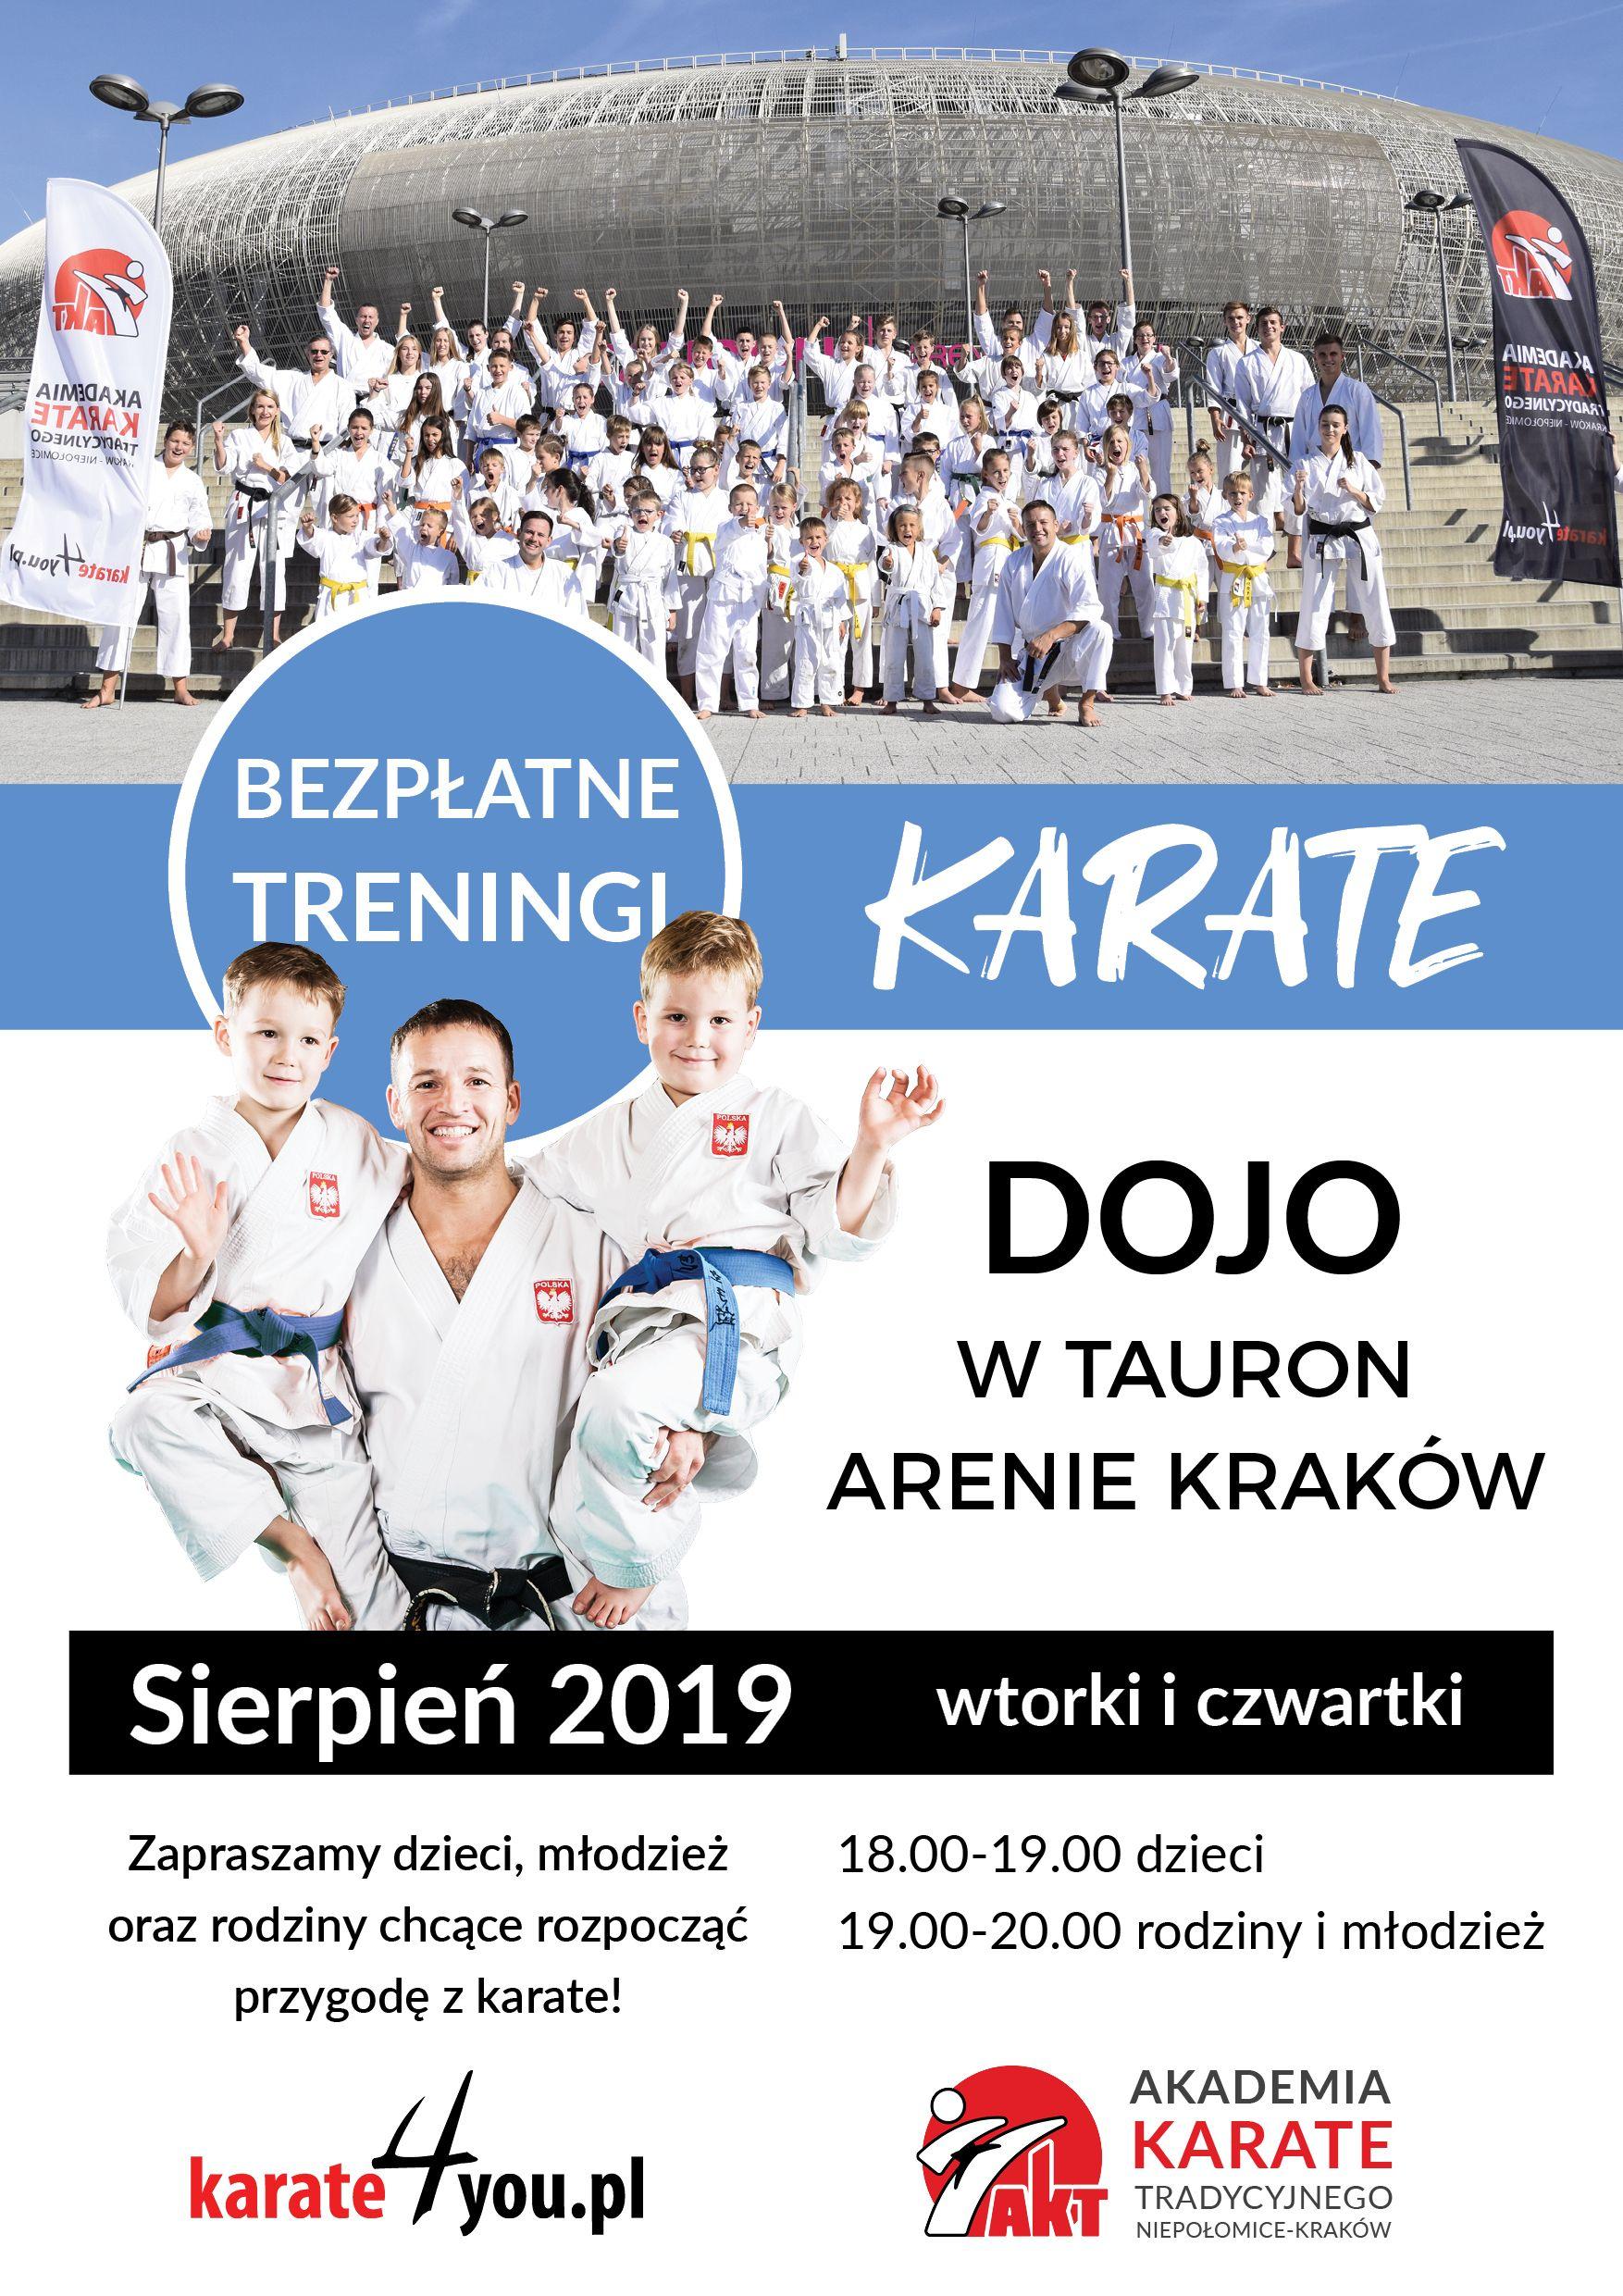 Bezpłatne treningi karate w Tauron Arenie Kraków